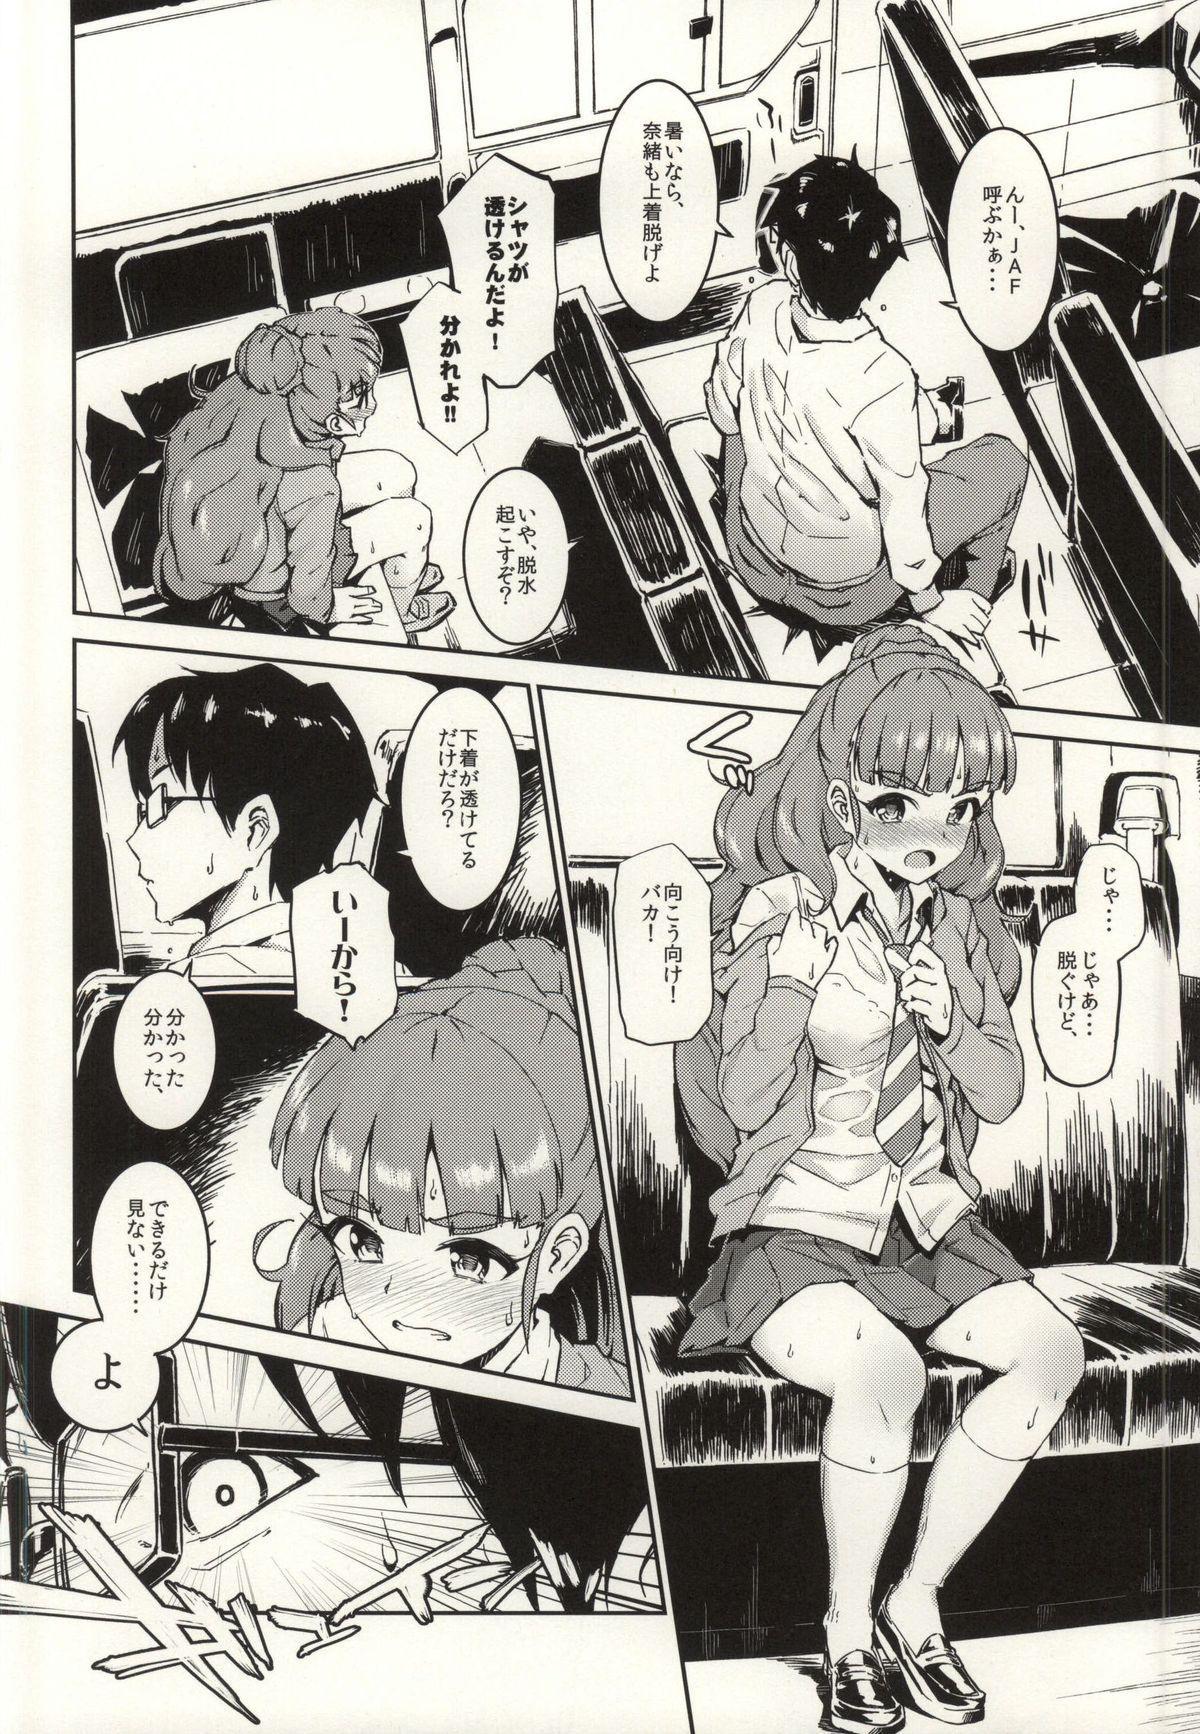 Nao-chan to Asedaku de Suru Hon 2